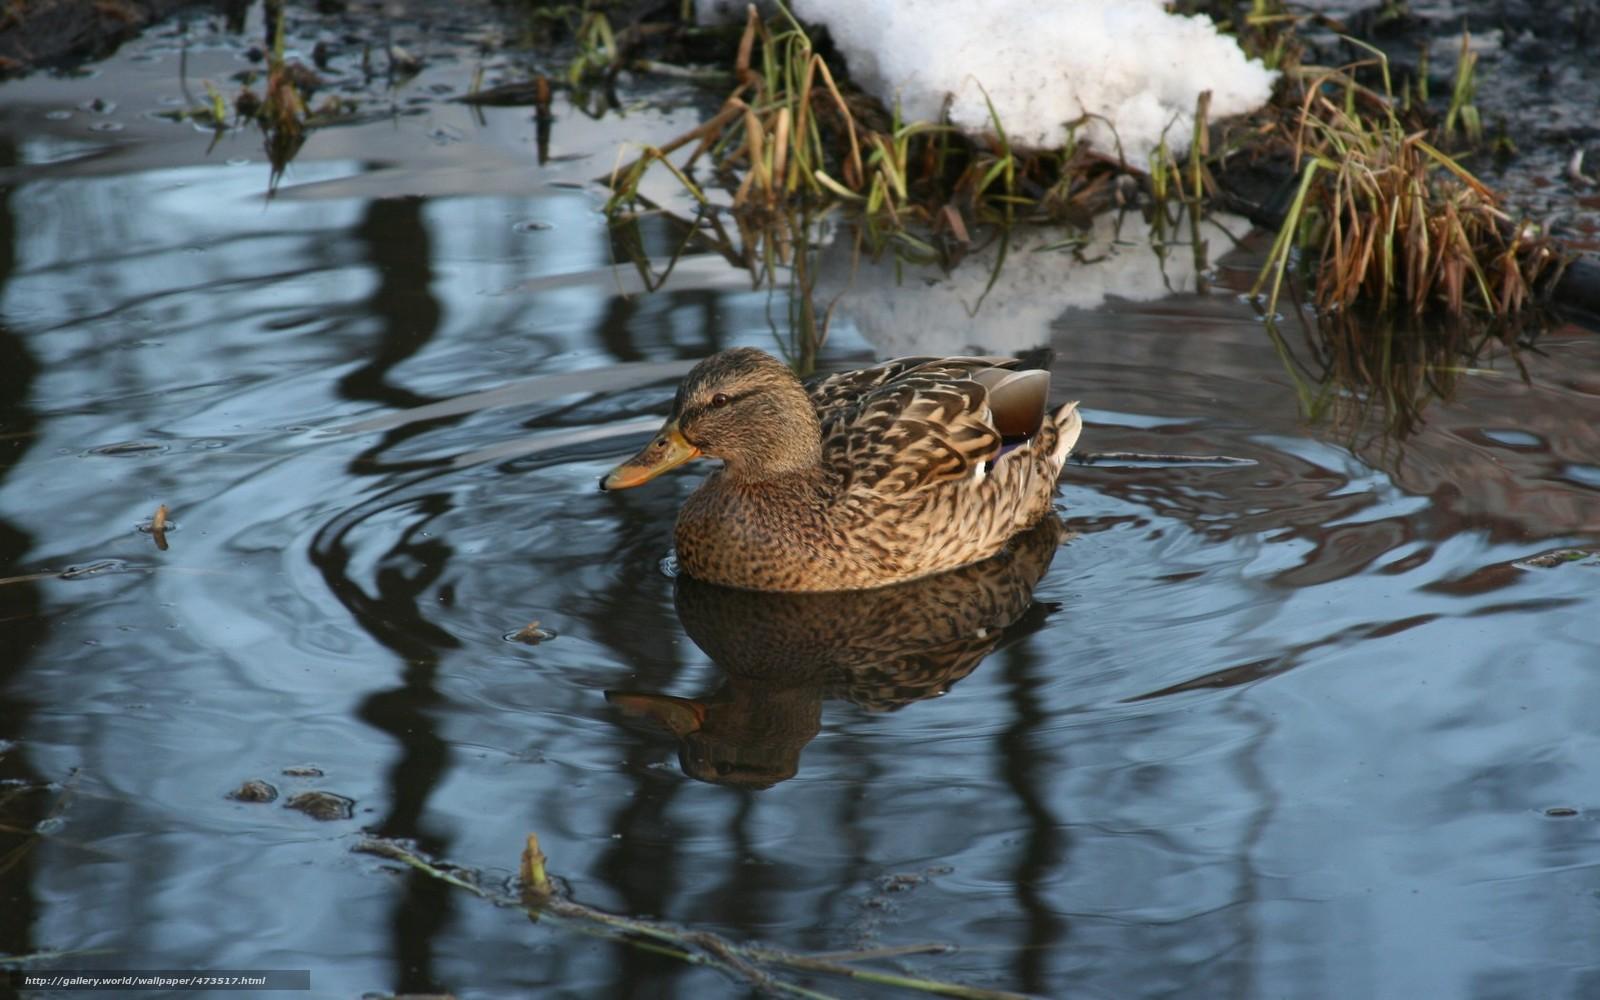 Tlcharger fond d 39 ecran animaux oiseaux canard hiver for Fond ecran hiver animaux